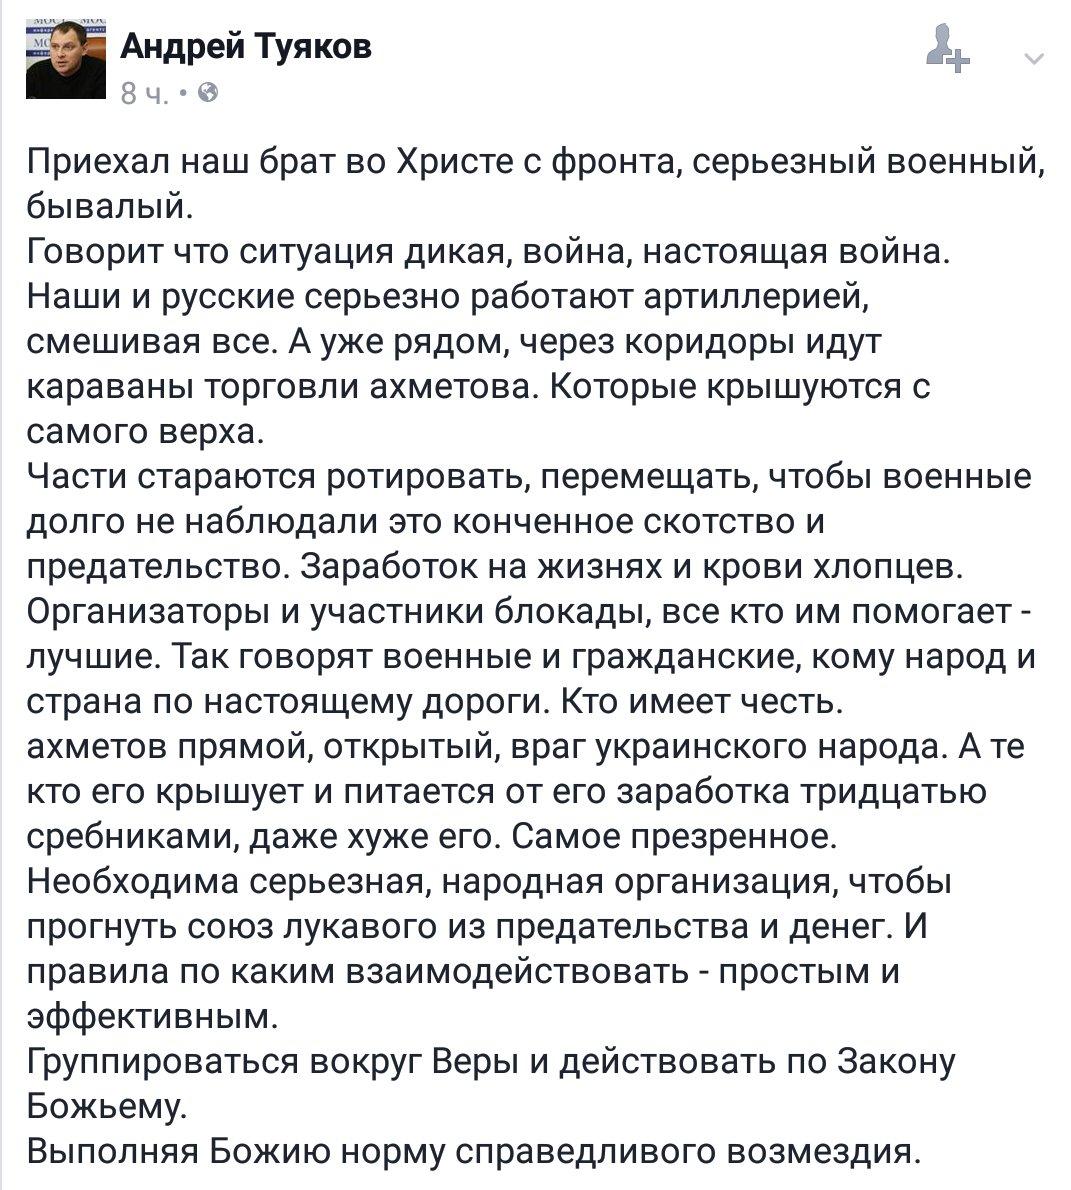 Боевики не дают восстановить поврежденные линии энергоснабжения в районе Авдеевки: устные договоренности есть, ожидаем письменных гарантий, - Жебривский - Цензор.НЕТ 6757